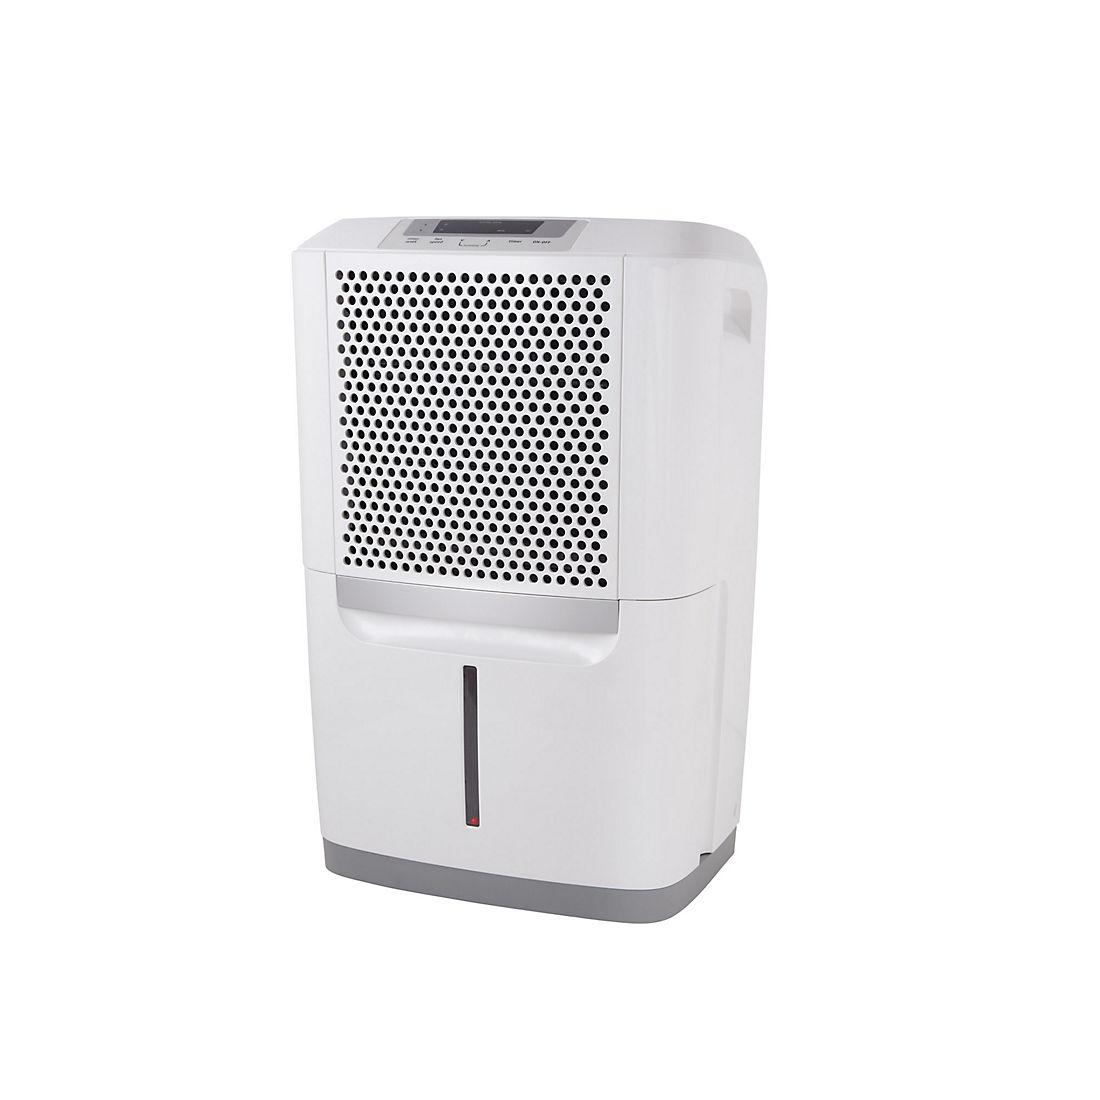 Frigidaire 70-Pint Capacity Dehumidifier on